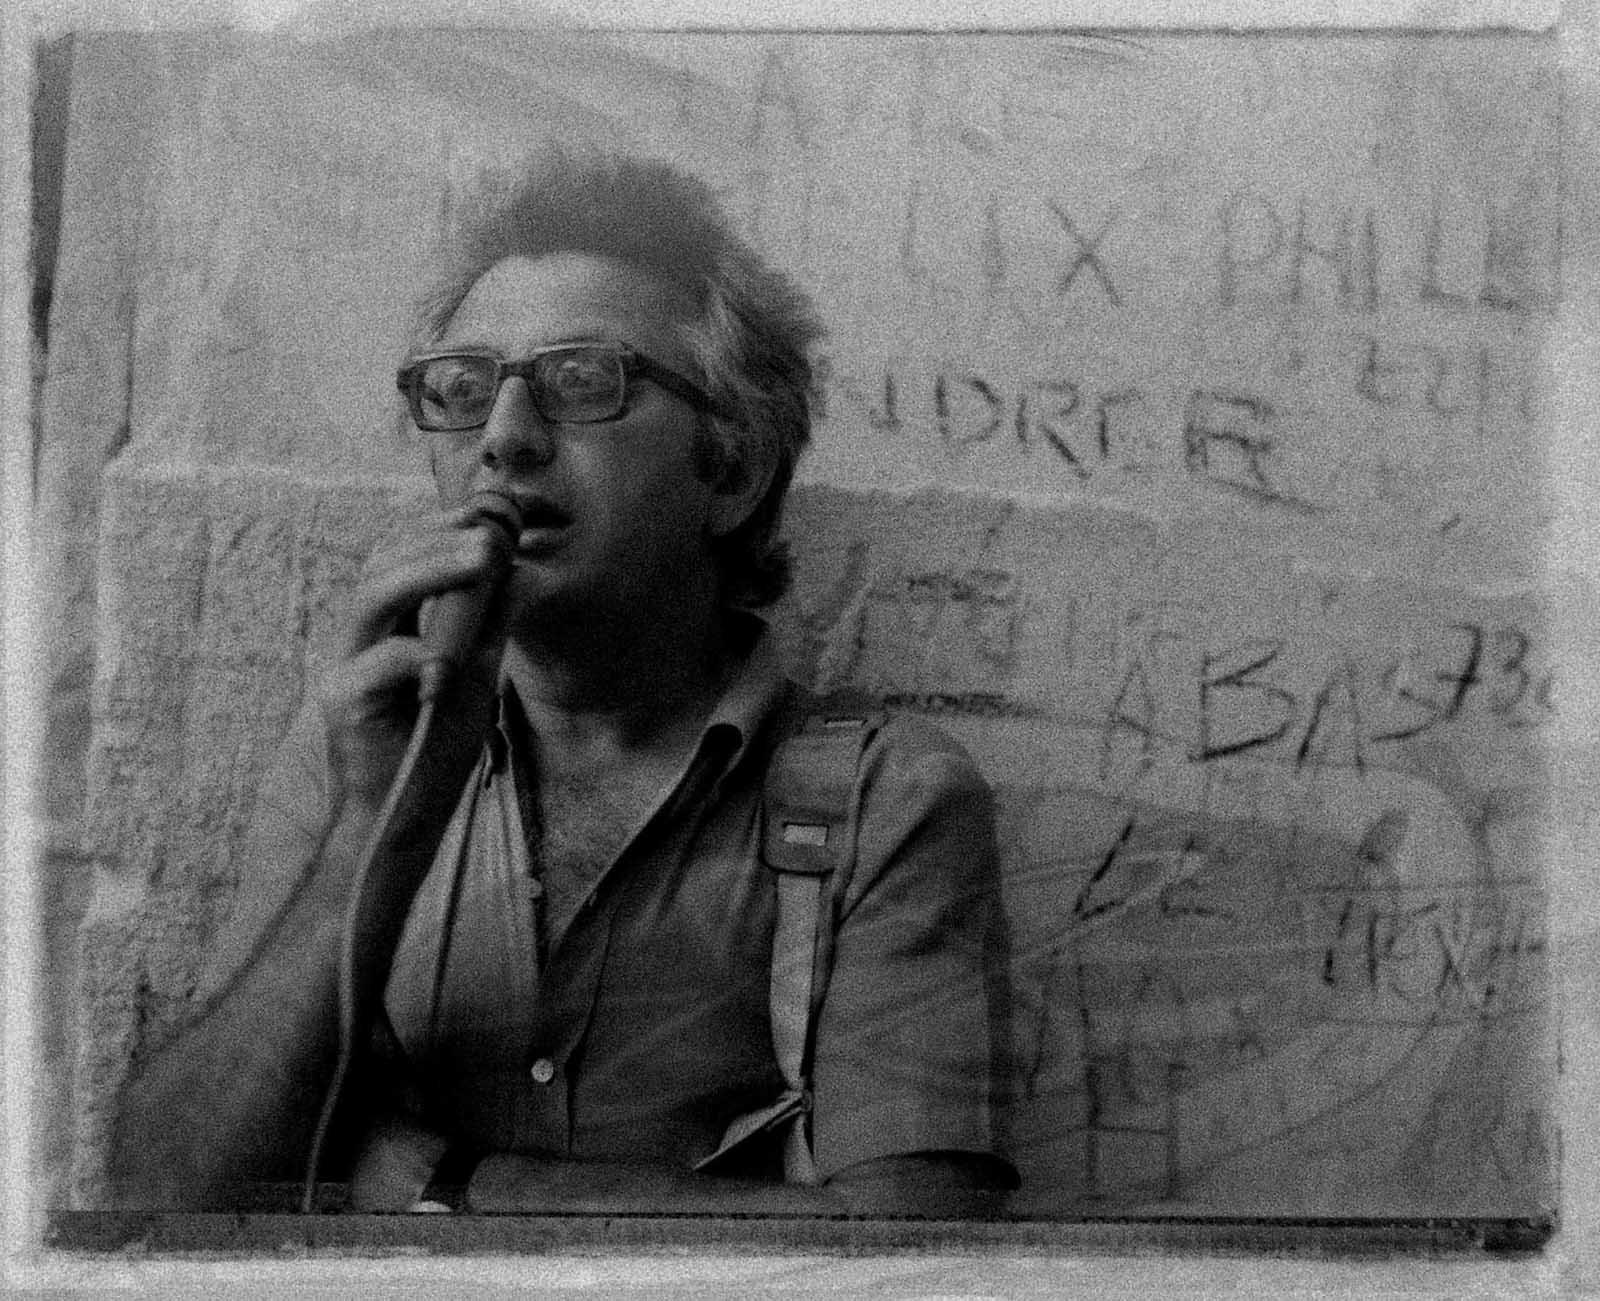 Lucien_Clergue,_1975